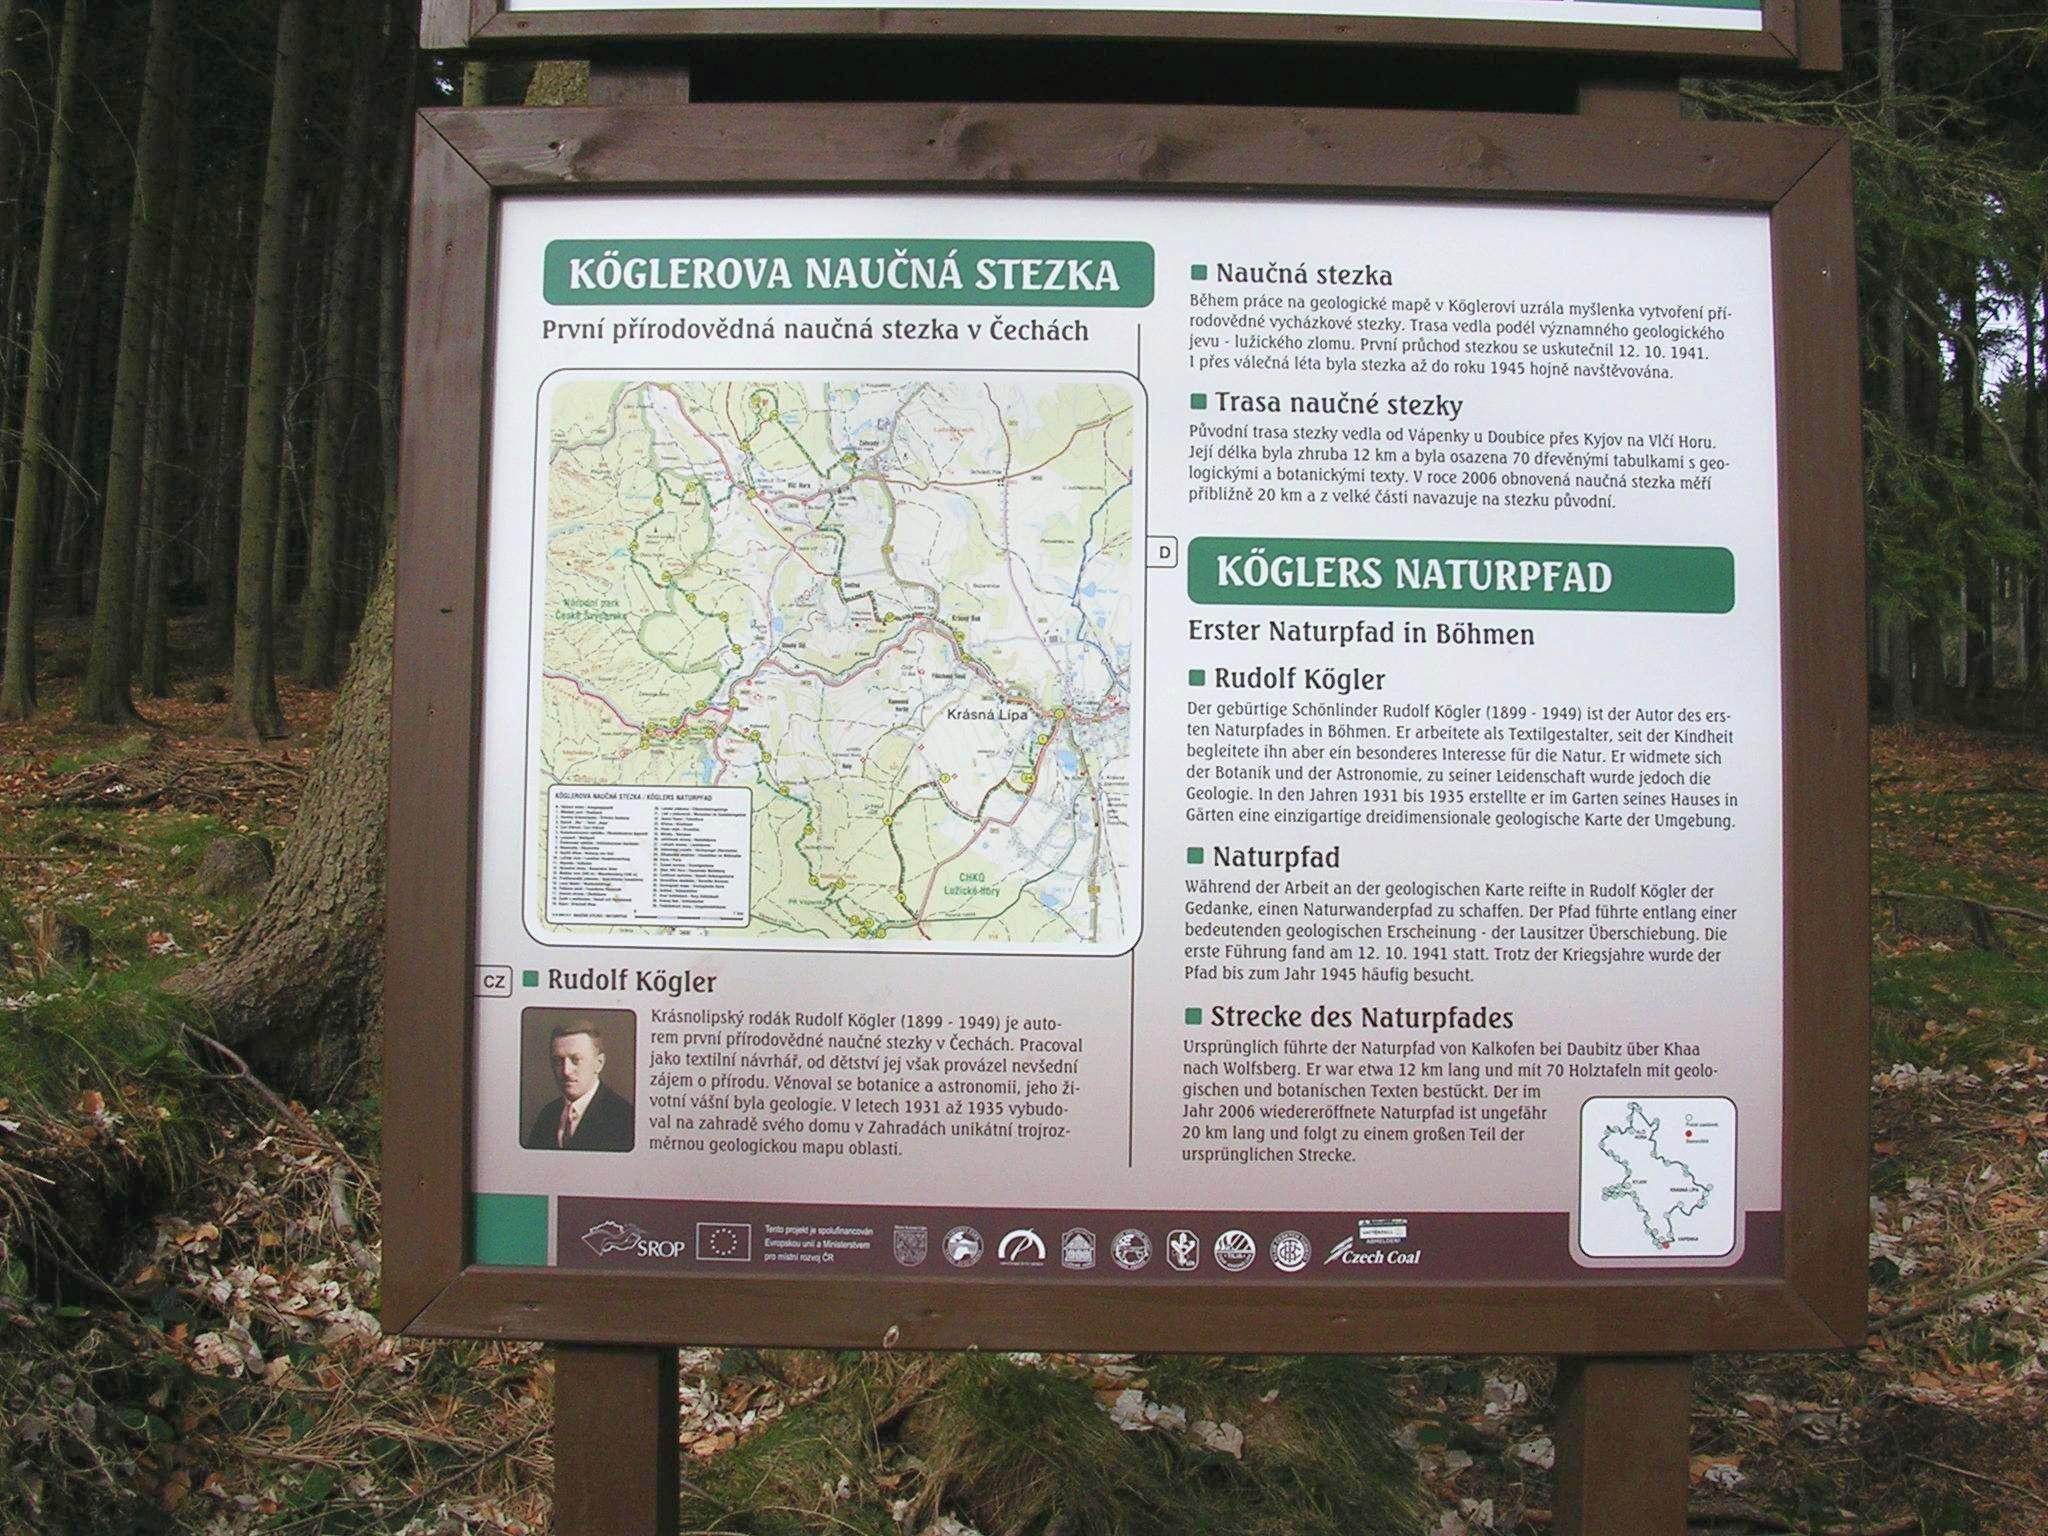 Natur Und Garten Best Of File švodn Tabule Ns Vápenka Wikimedia Mons